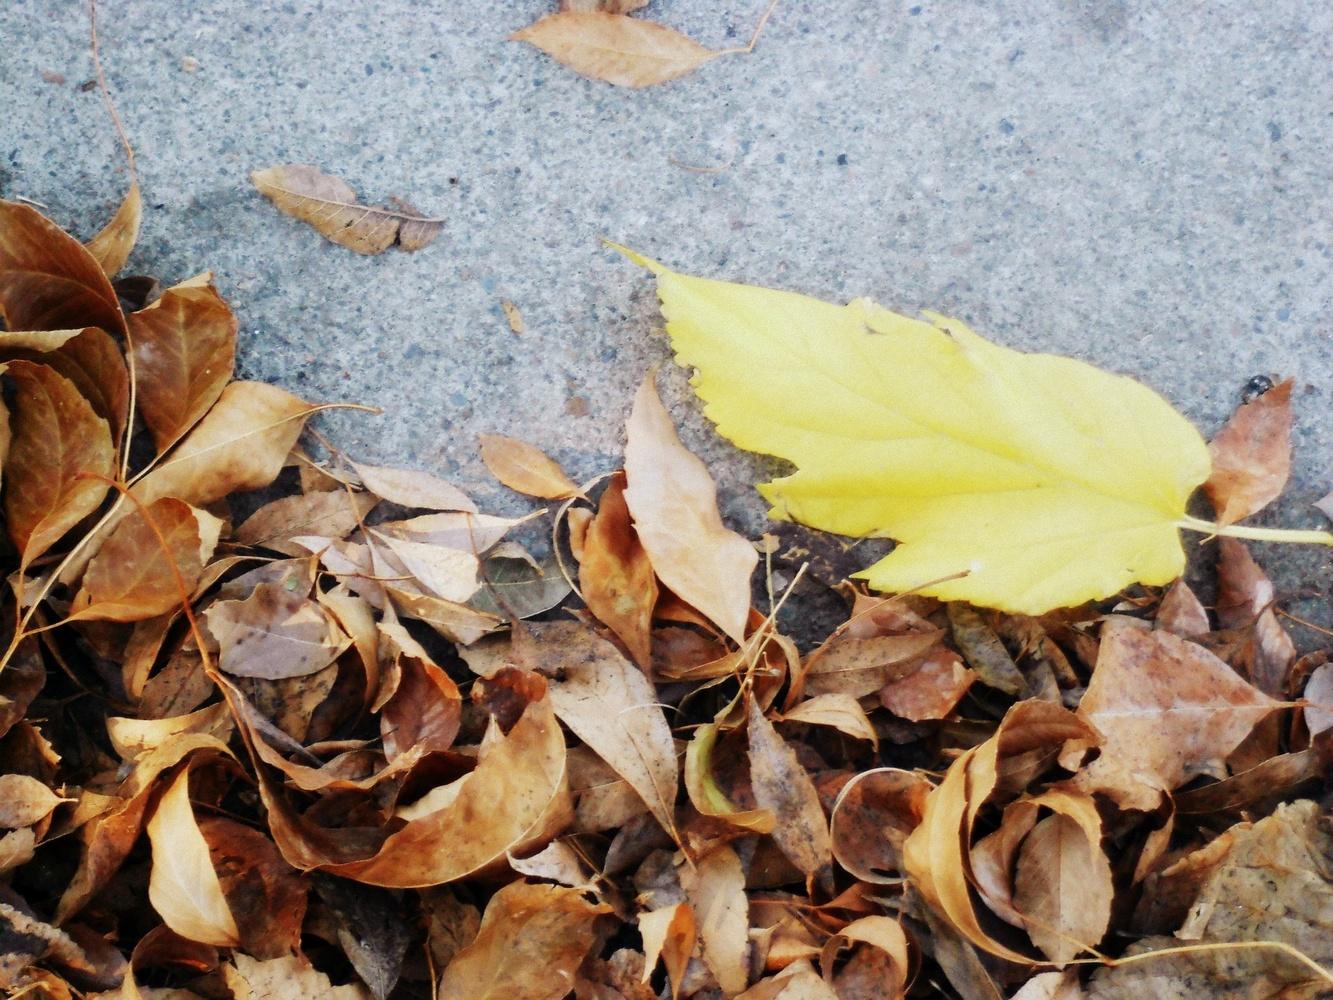 Leaves by Carrie walker